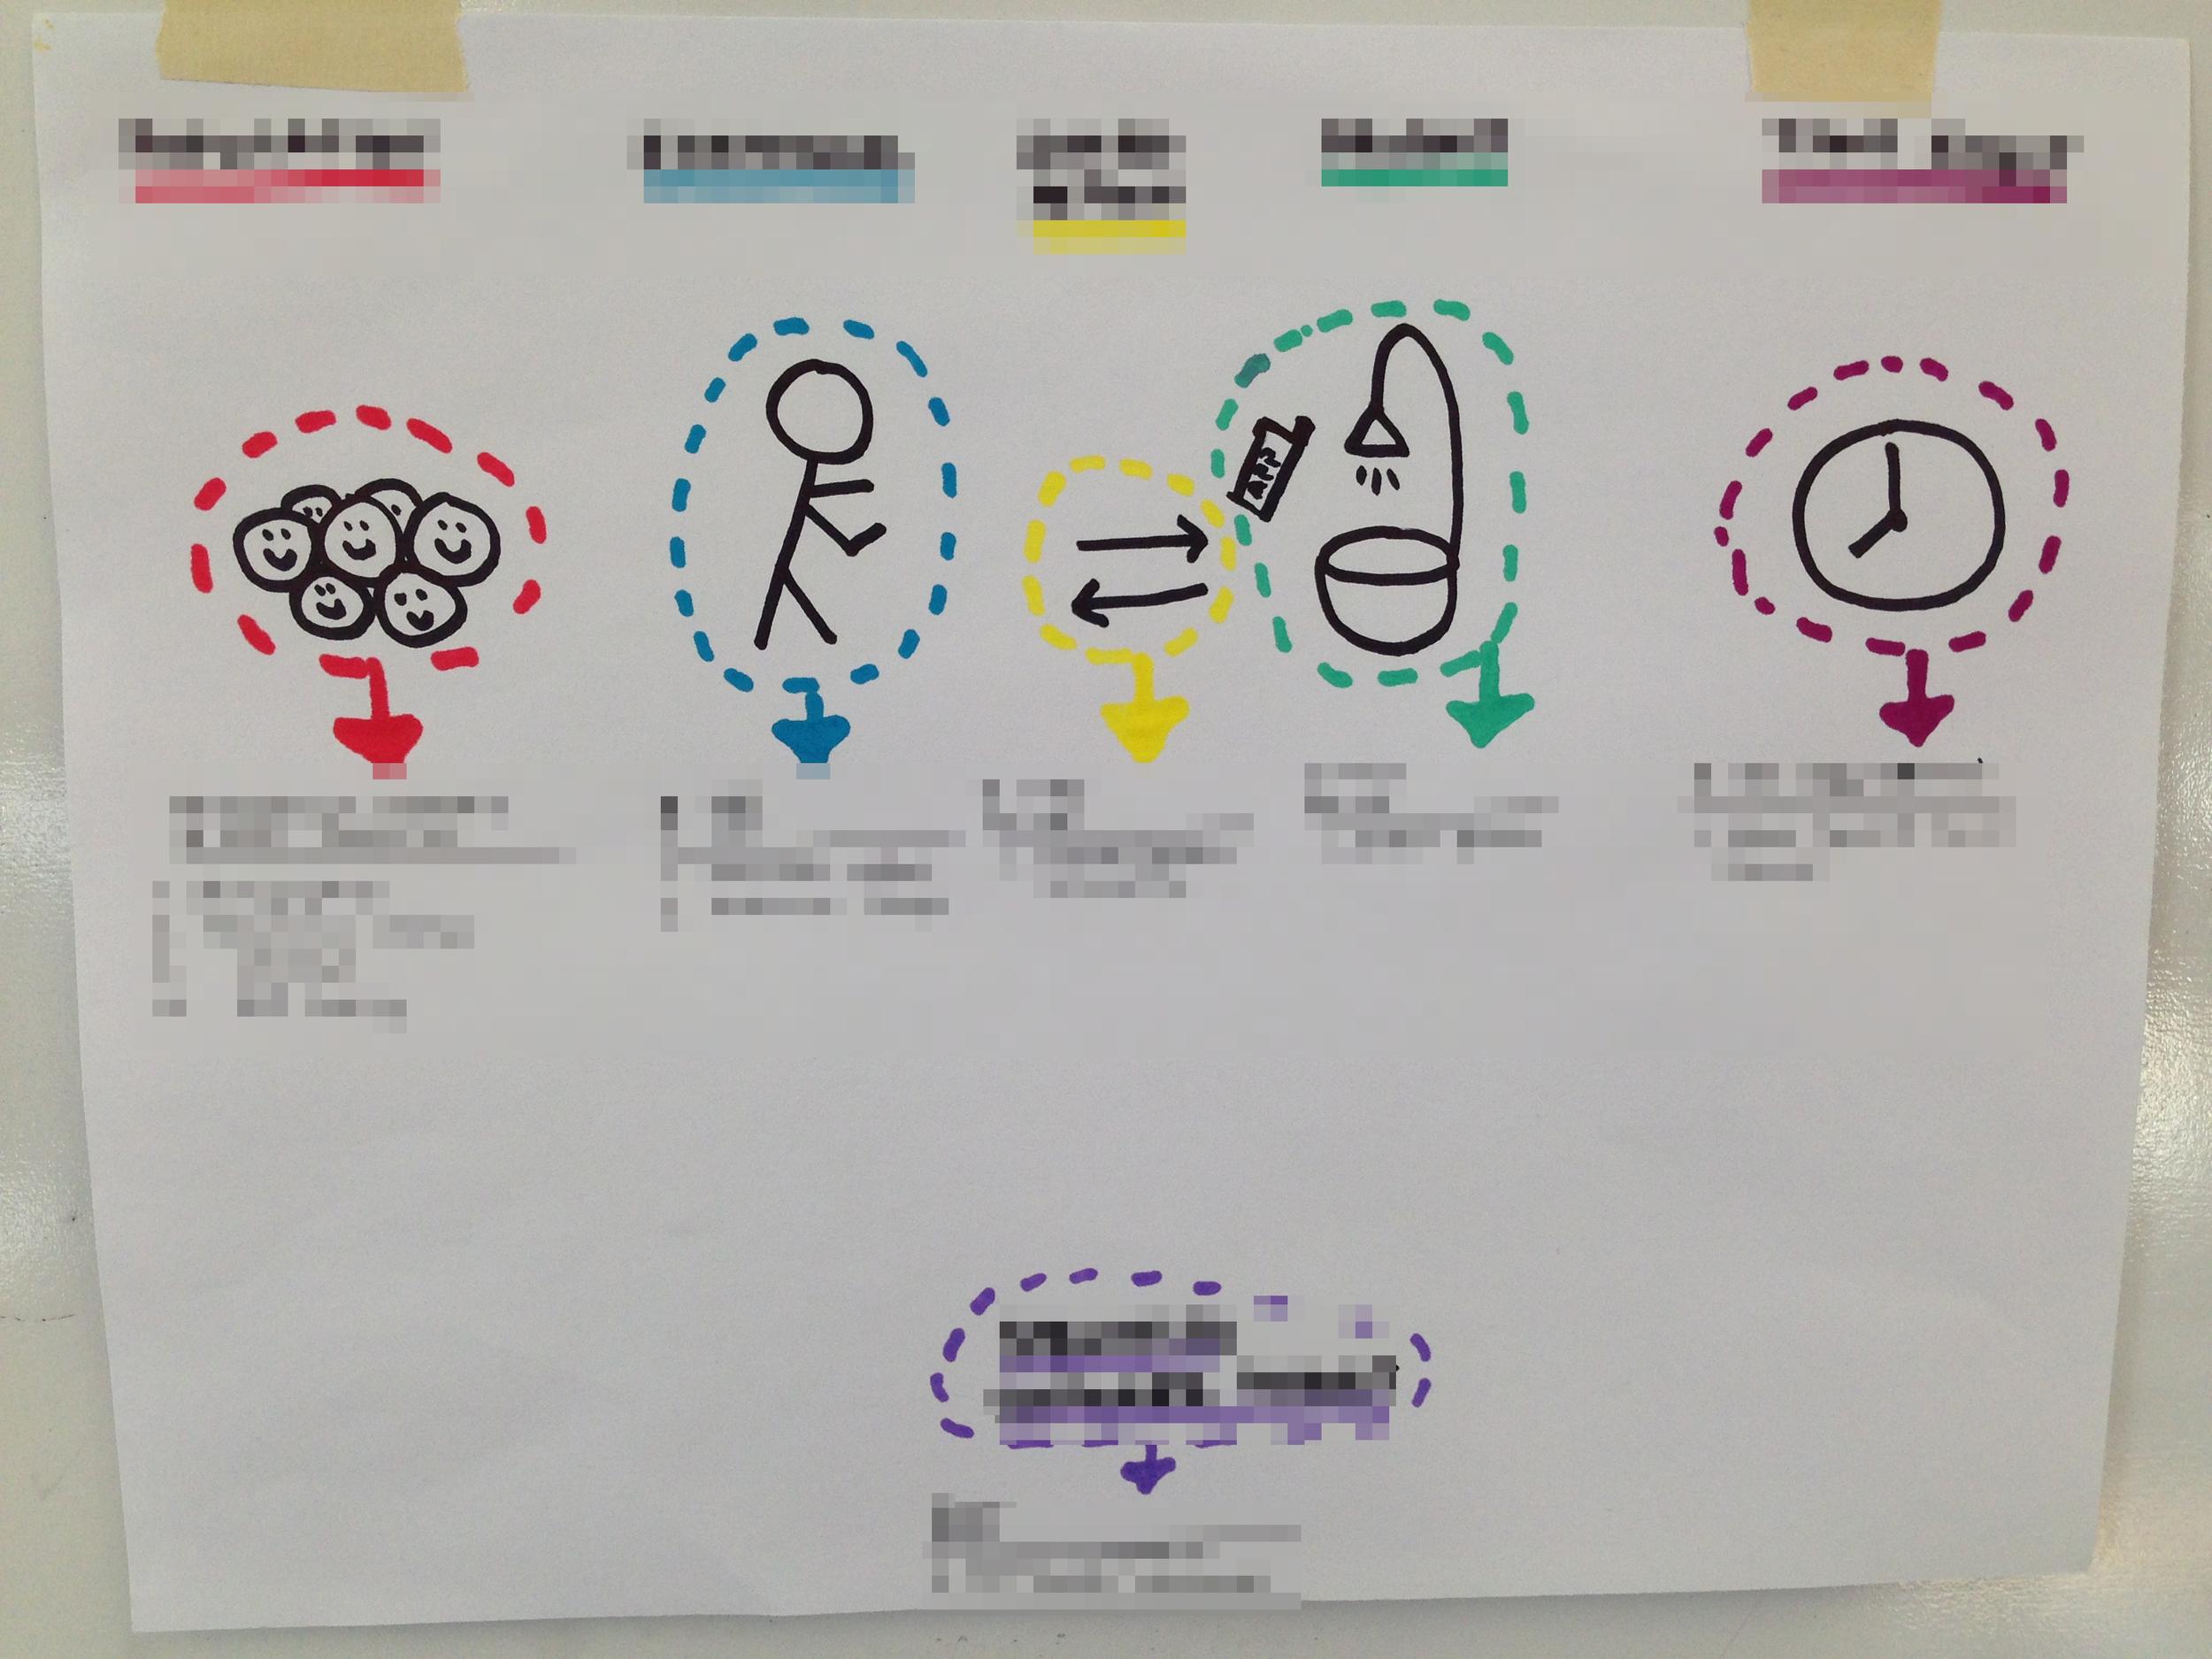 Brainstorming beta groups and study methodologies